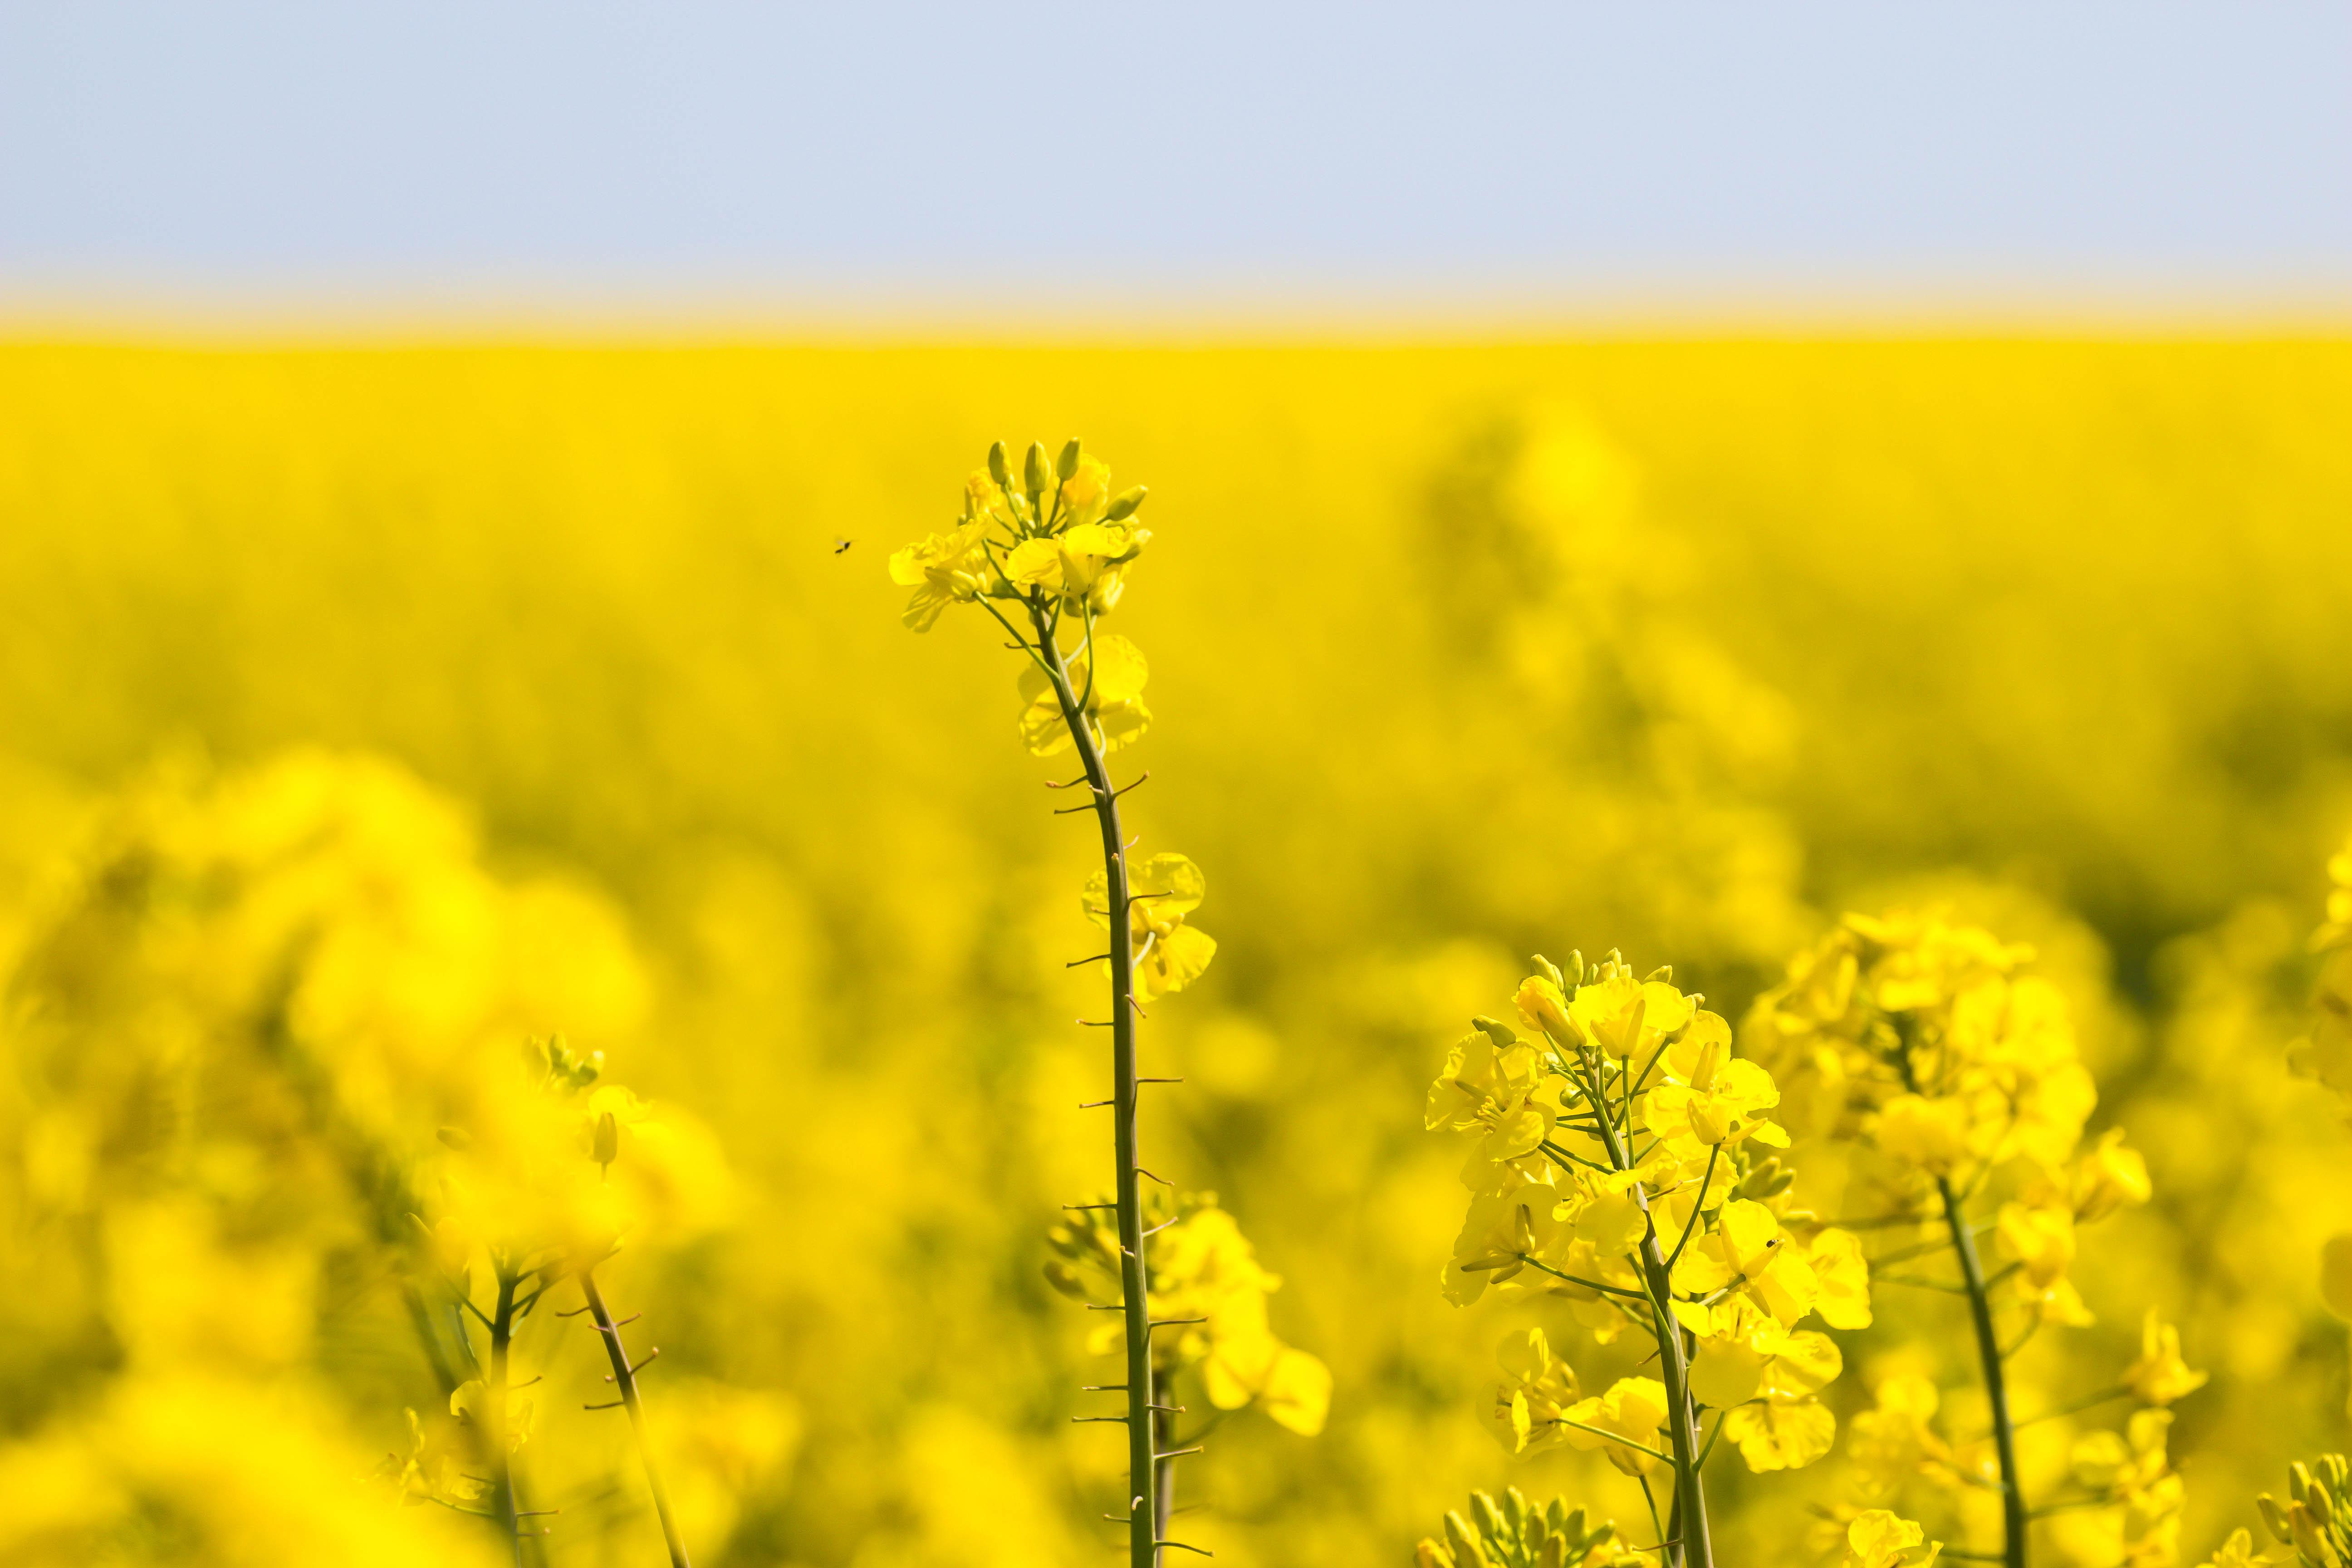 fond d 39 cran aliments champ jaune colza fleur prairie raps gul canola agriculture. Black Bedroom Furniture Sets. Home Design Ideas